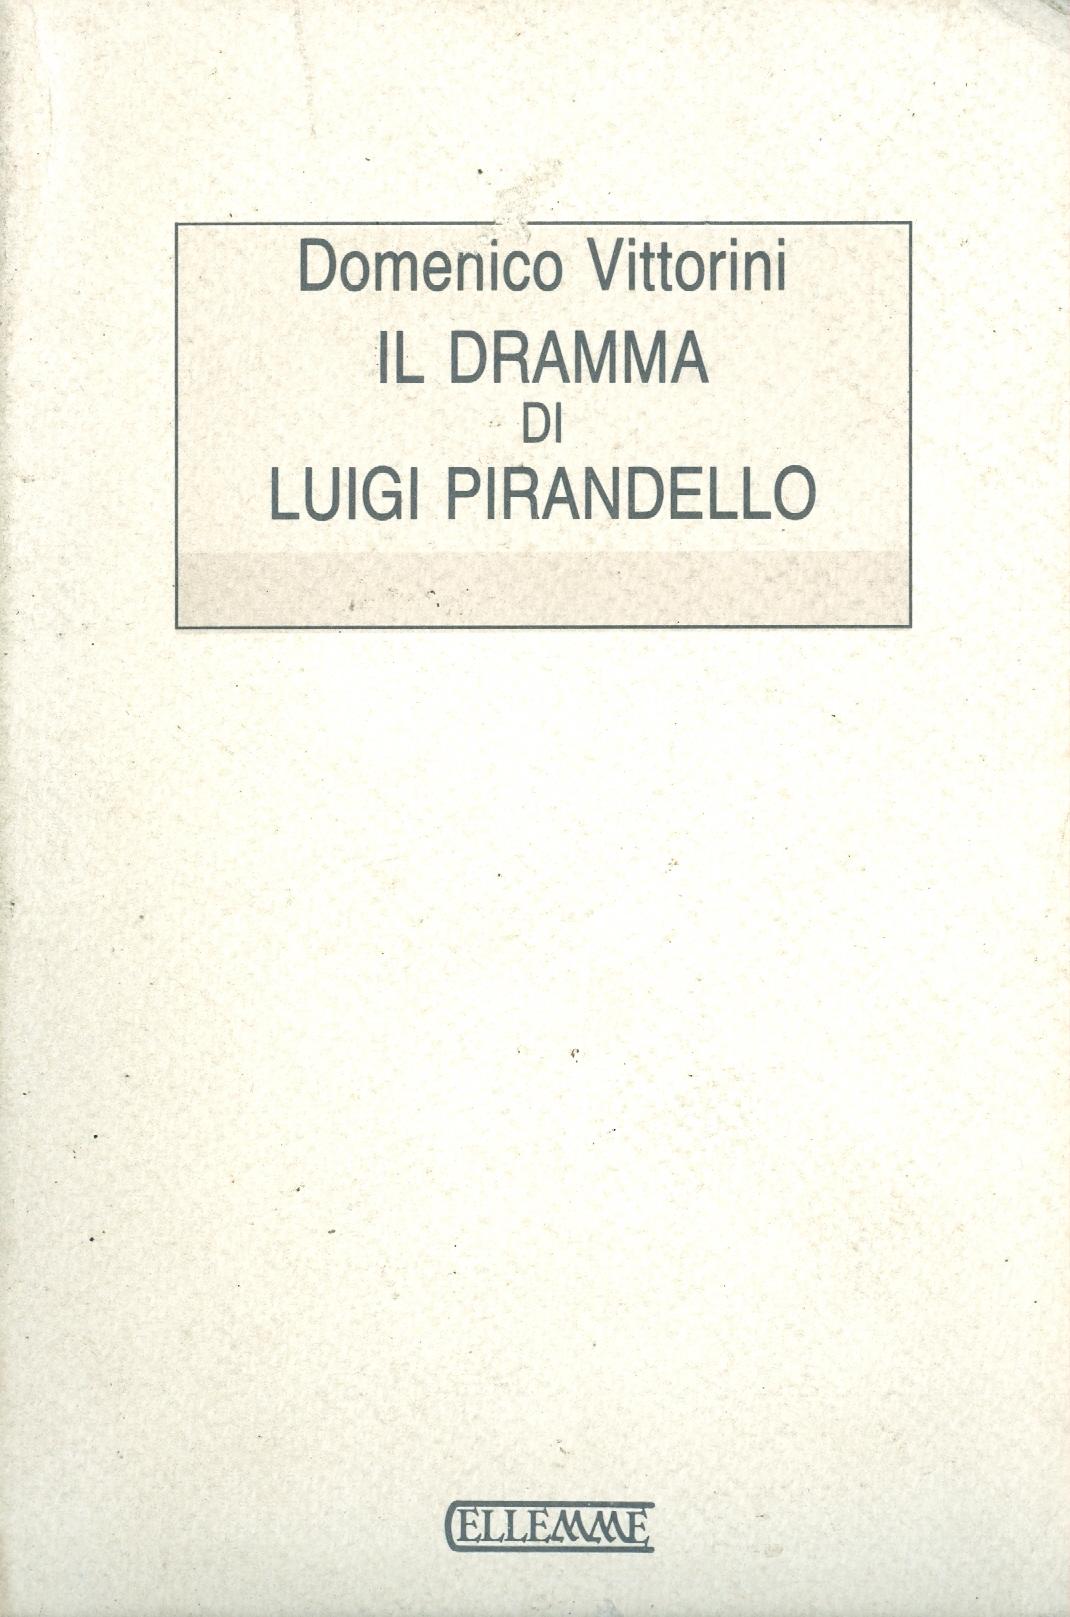 Il dramma di Luigi Pirandello